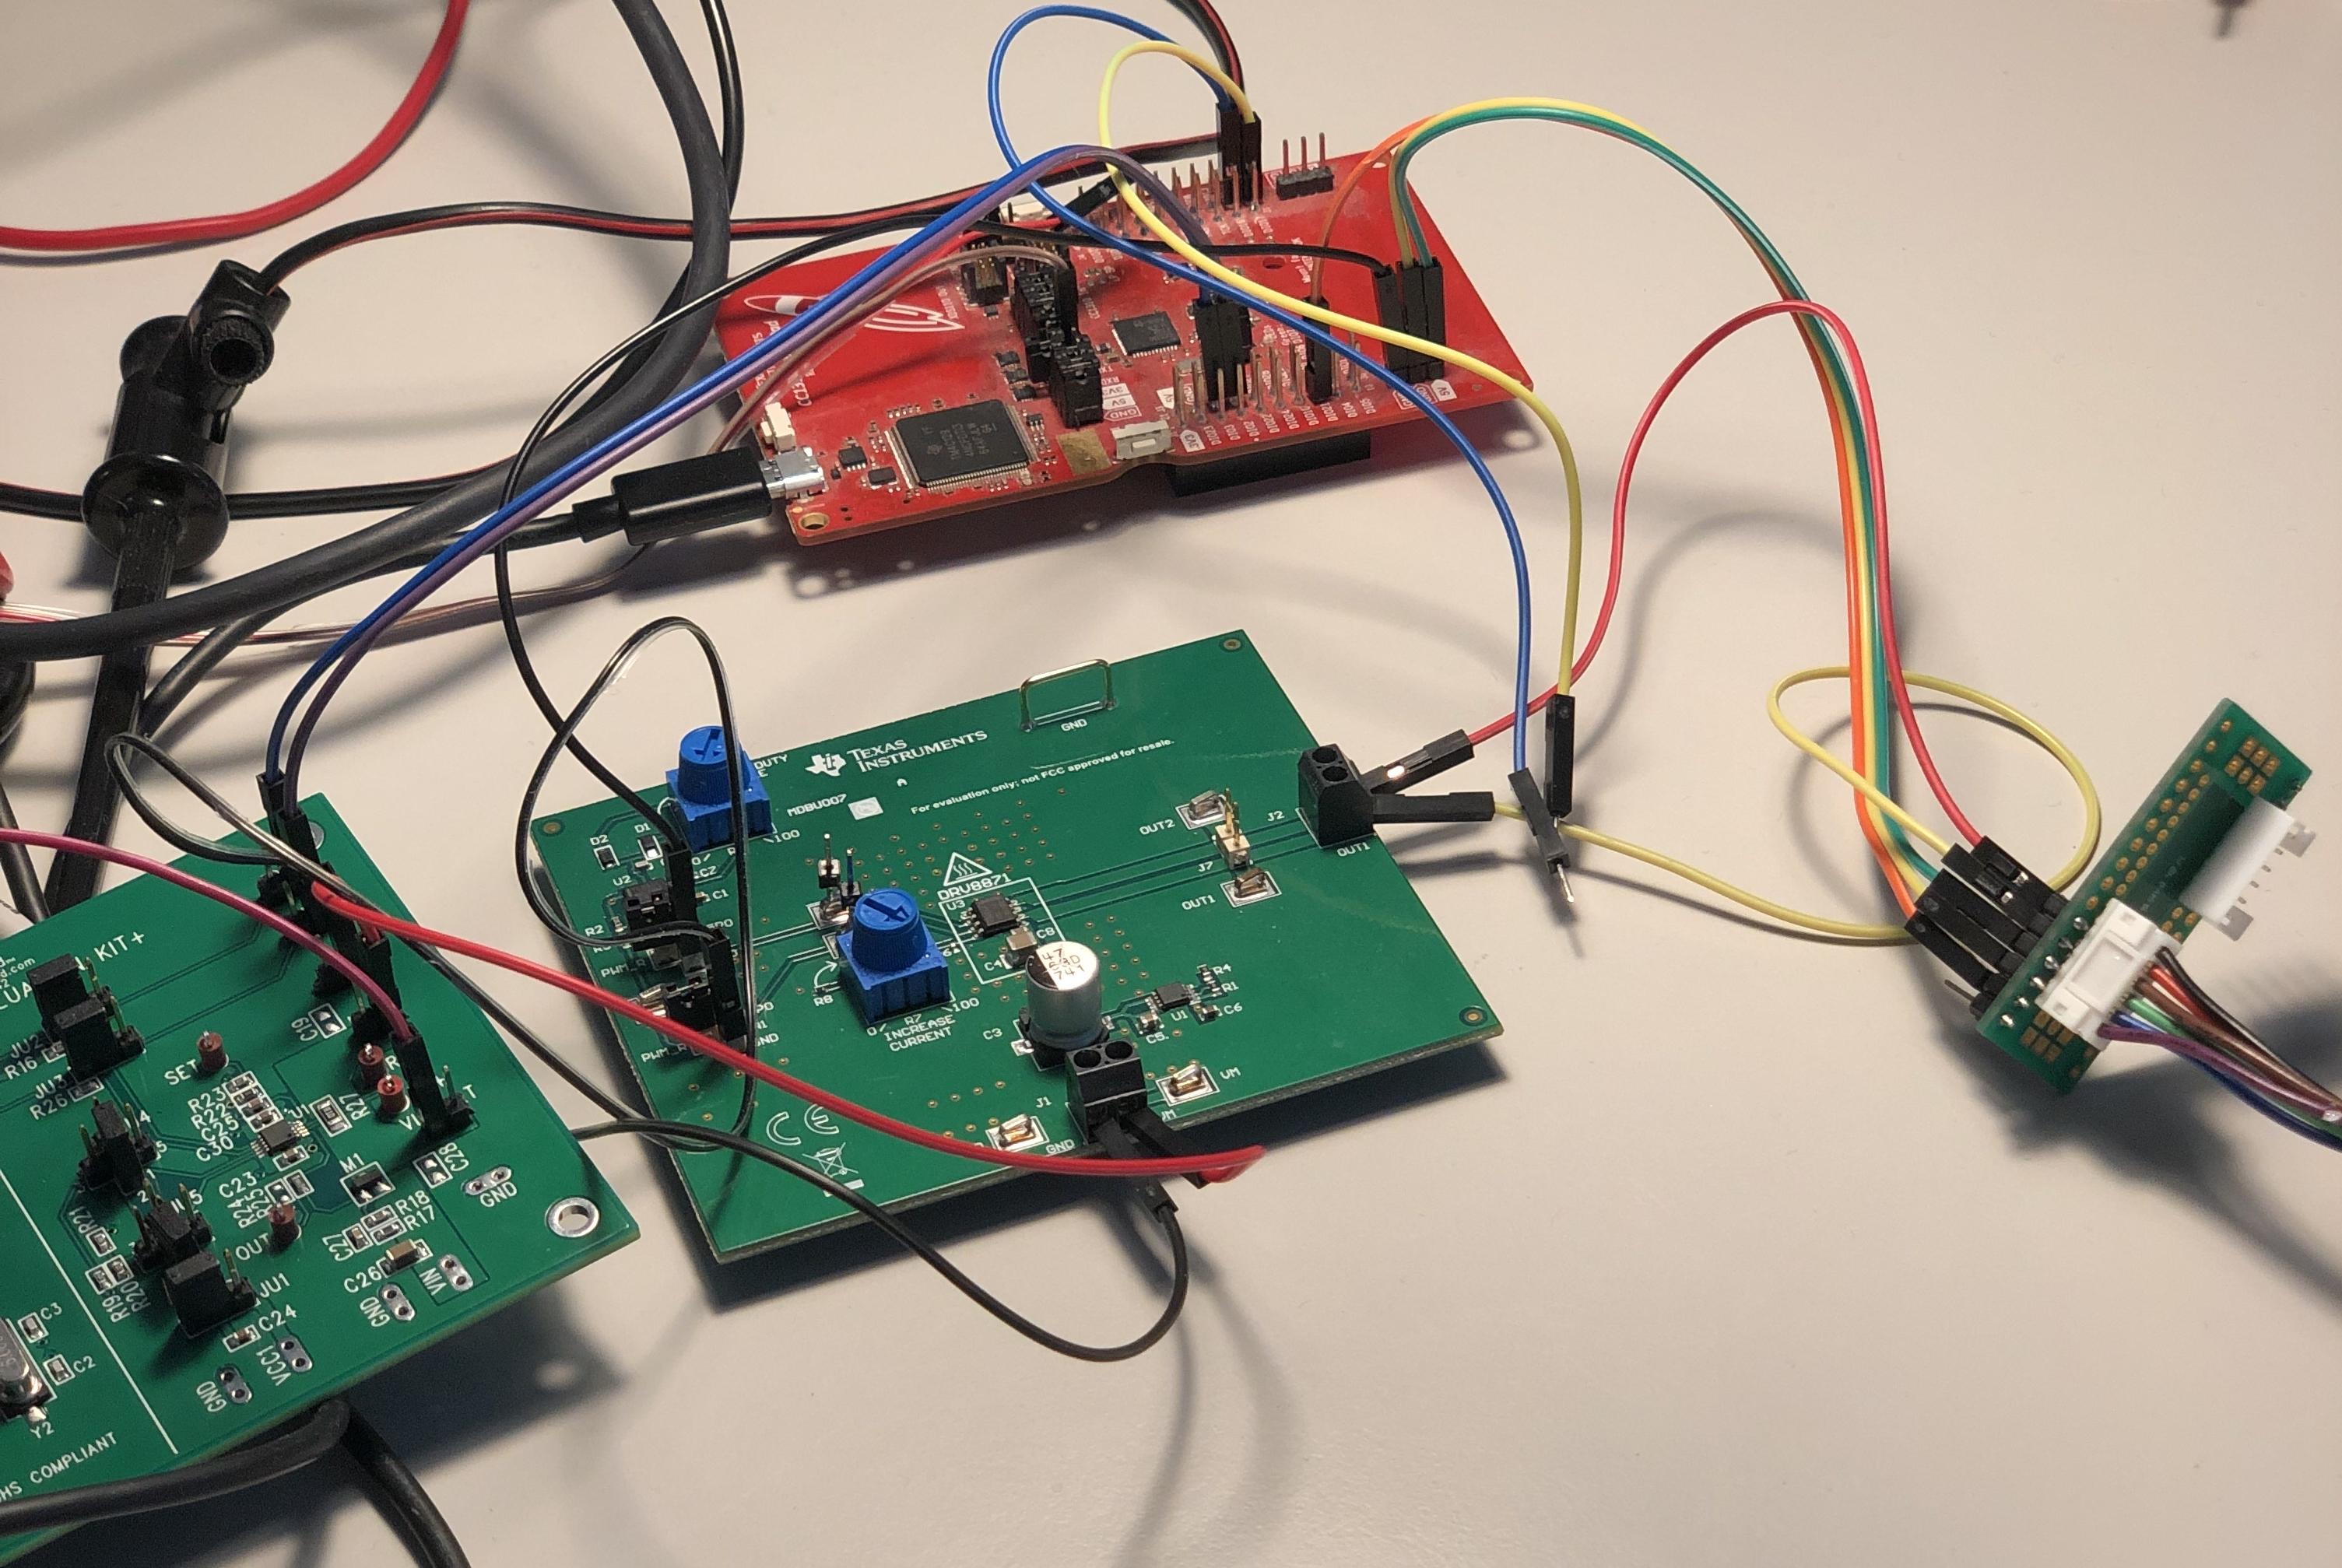 La première version de votre matériel IoT peut ressembler à de l'électronique nue